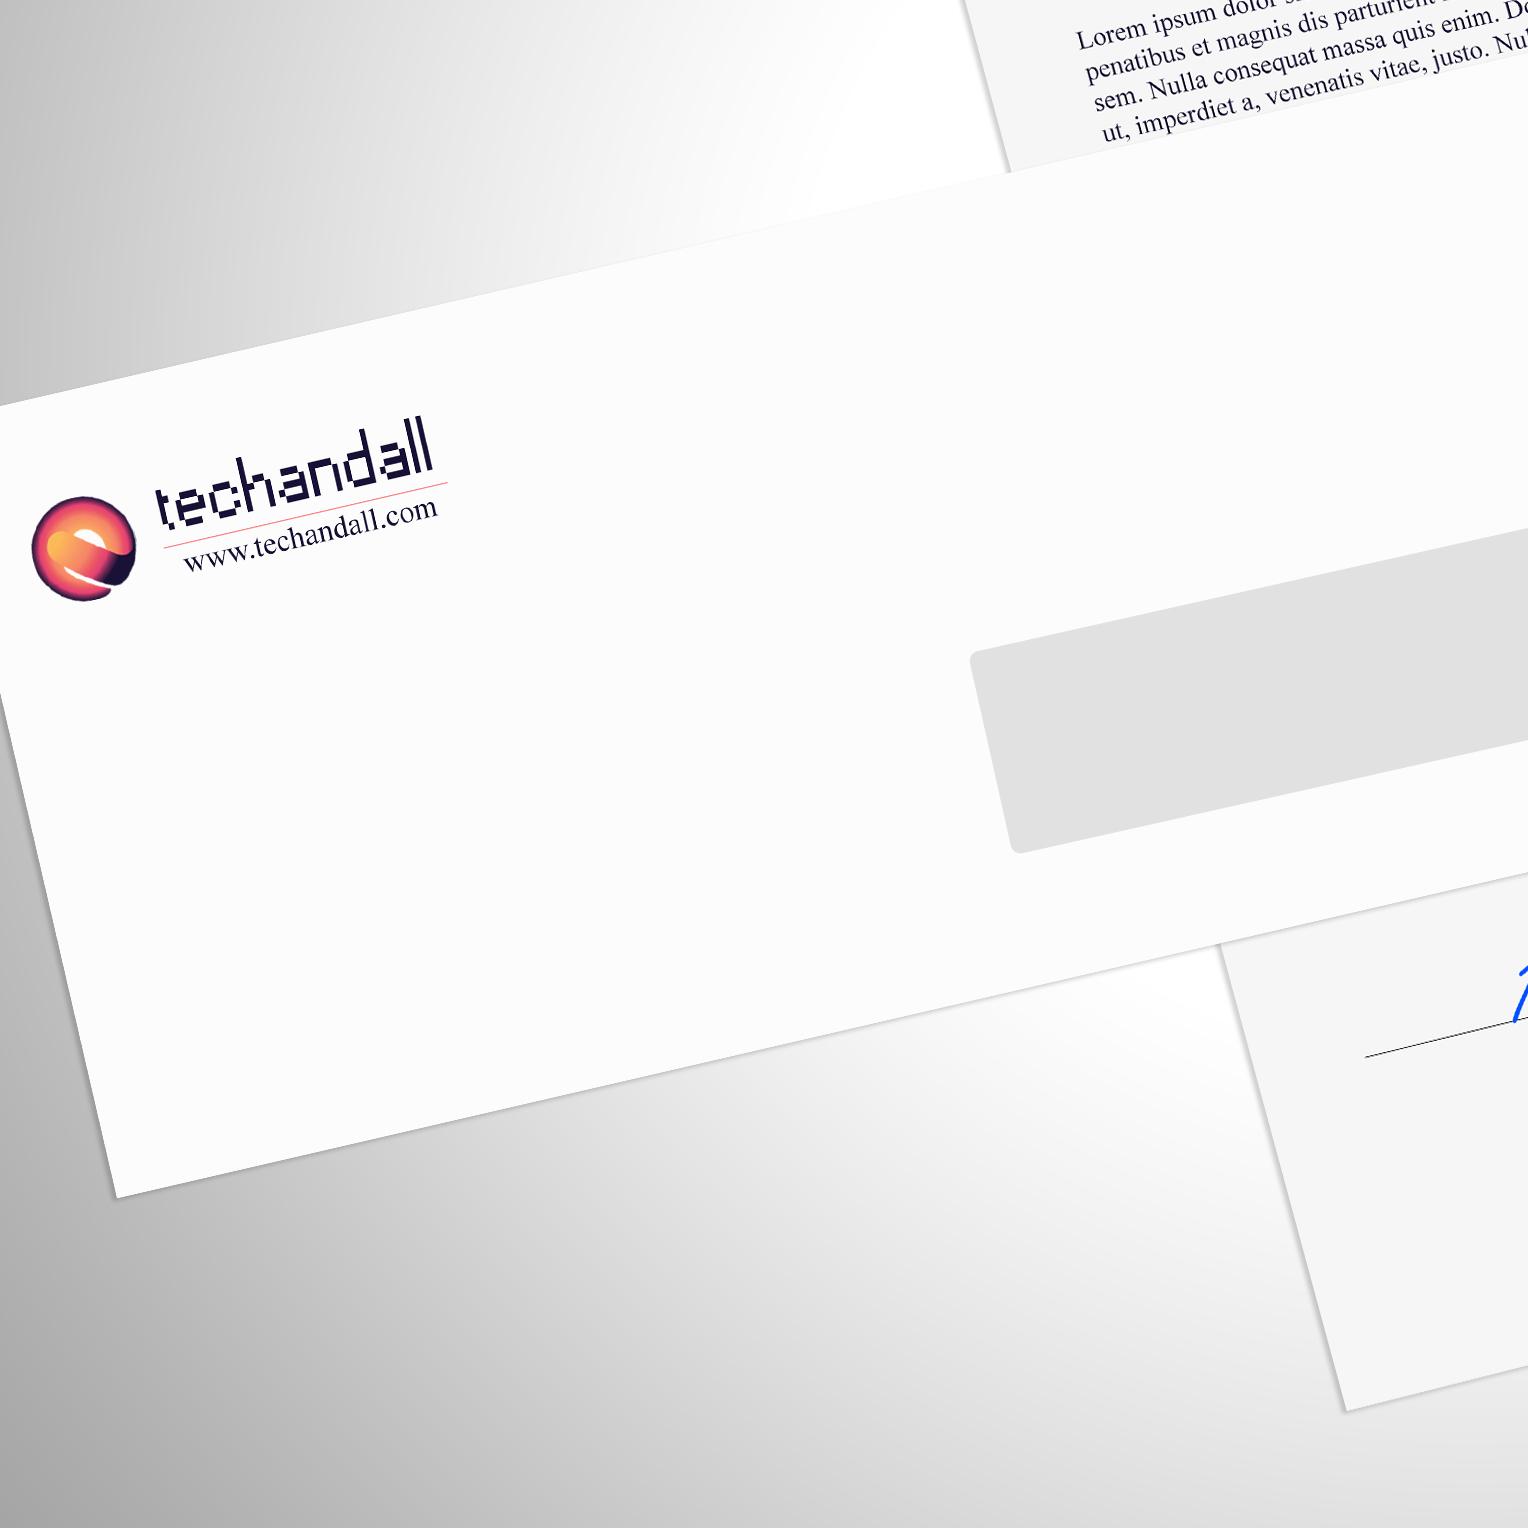 techandall - Branding Mockip v XX2 -S3